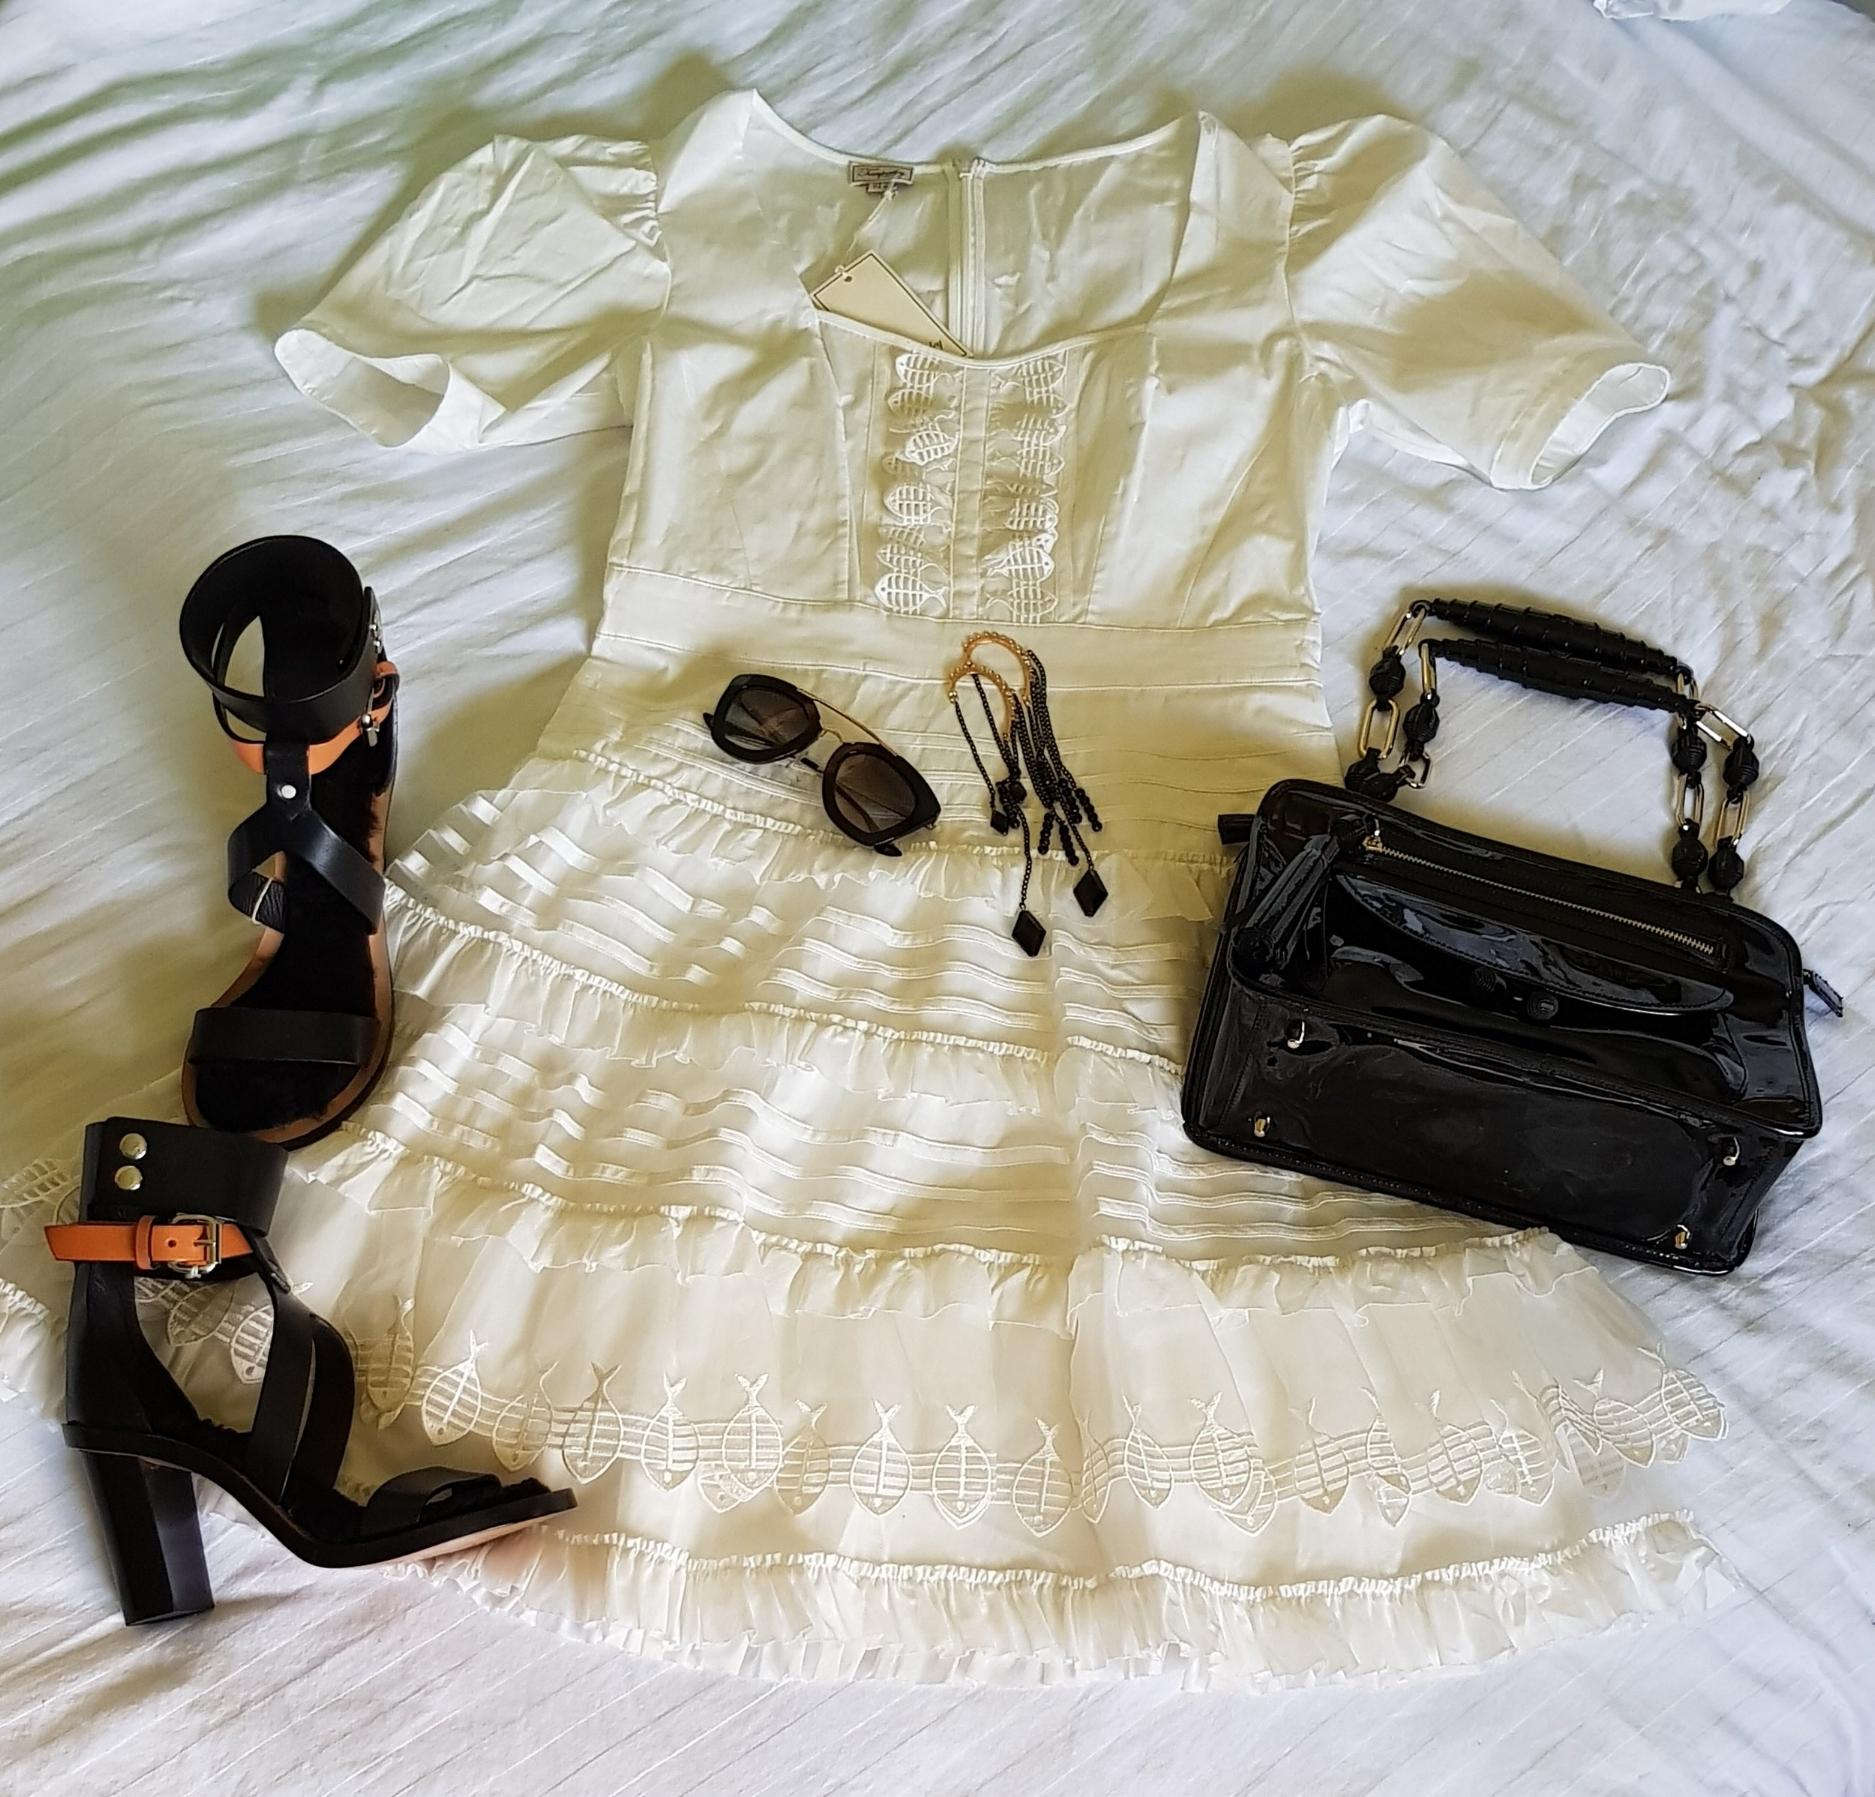 Edgy Monochromatic Look